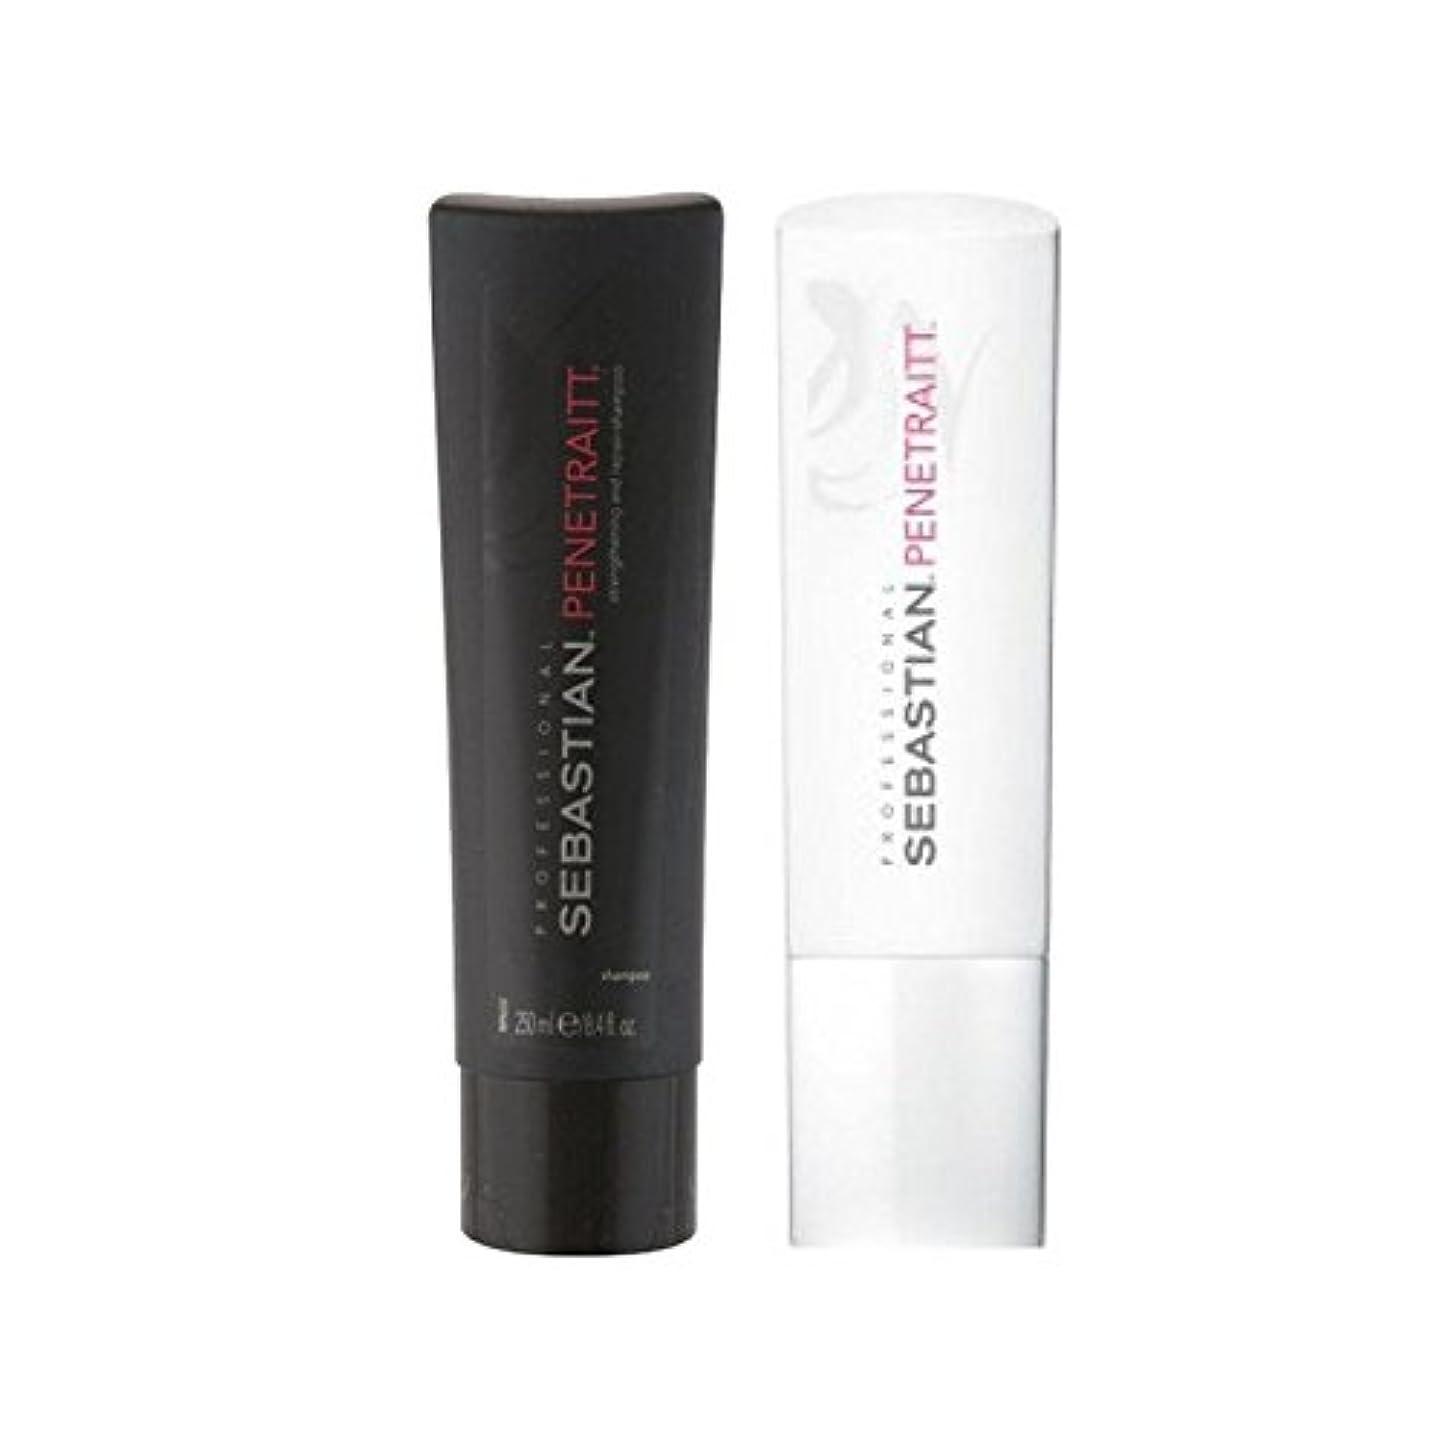 作者平手打ちタイピストSebastian Professional Penetraitt Duo - Shampoo & Conditioner (Pack of 6) - セバスチャンプロデュオ - シャンプー&コンディショナー x6 [並行輸入品]